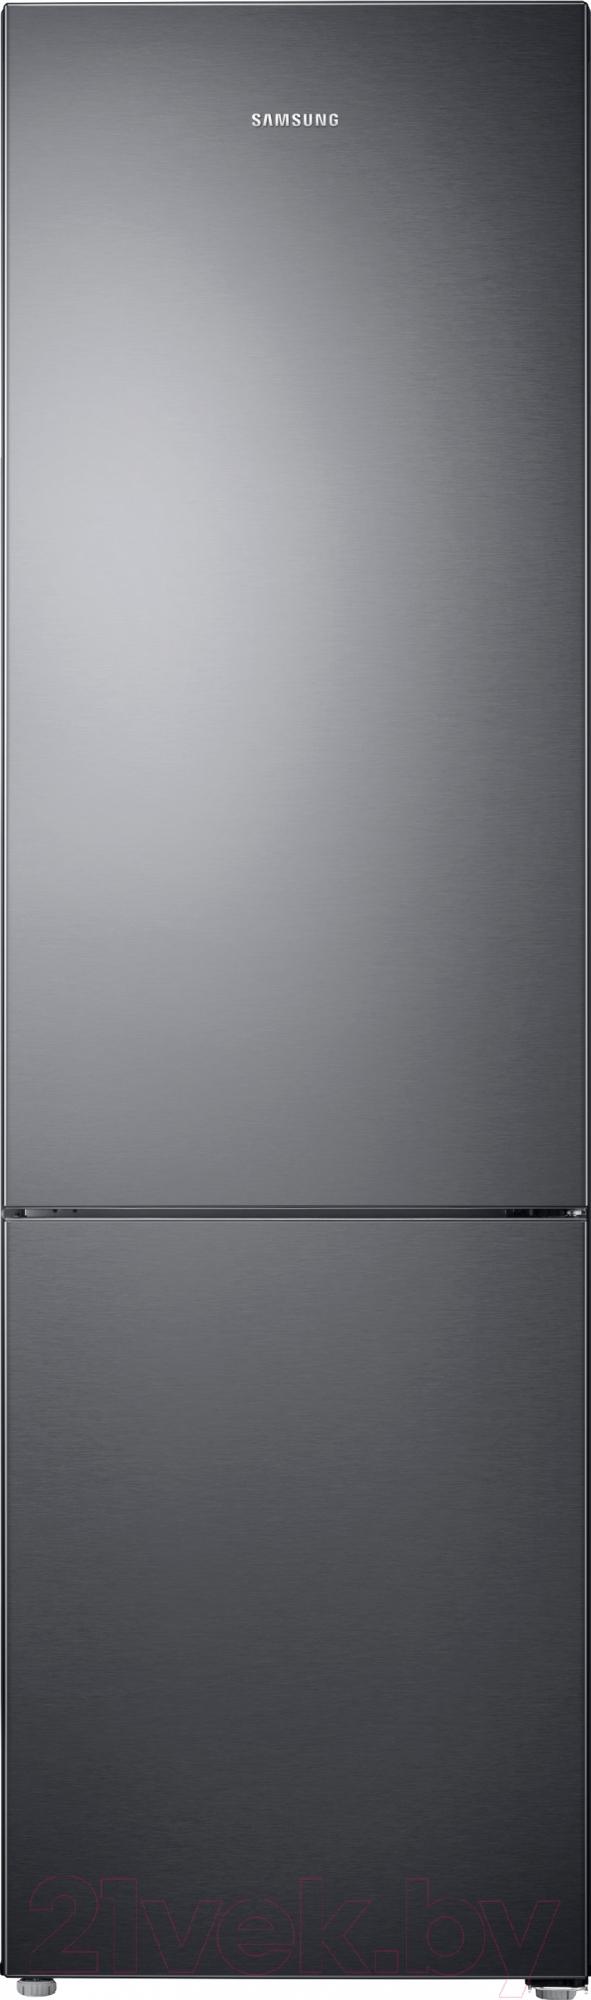 Купить Холодильник с морозильником Samsung, RB37J5000B1, Польша